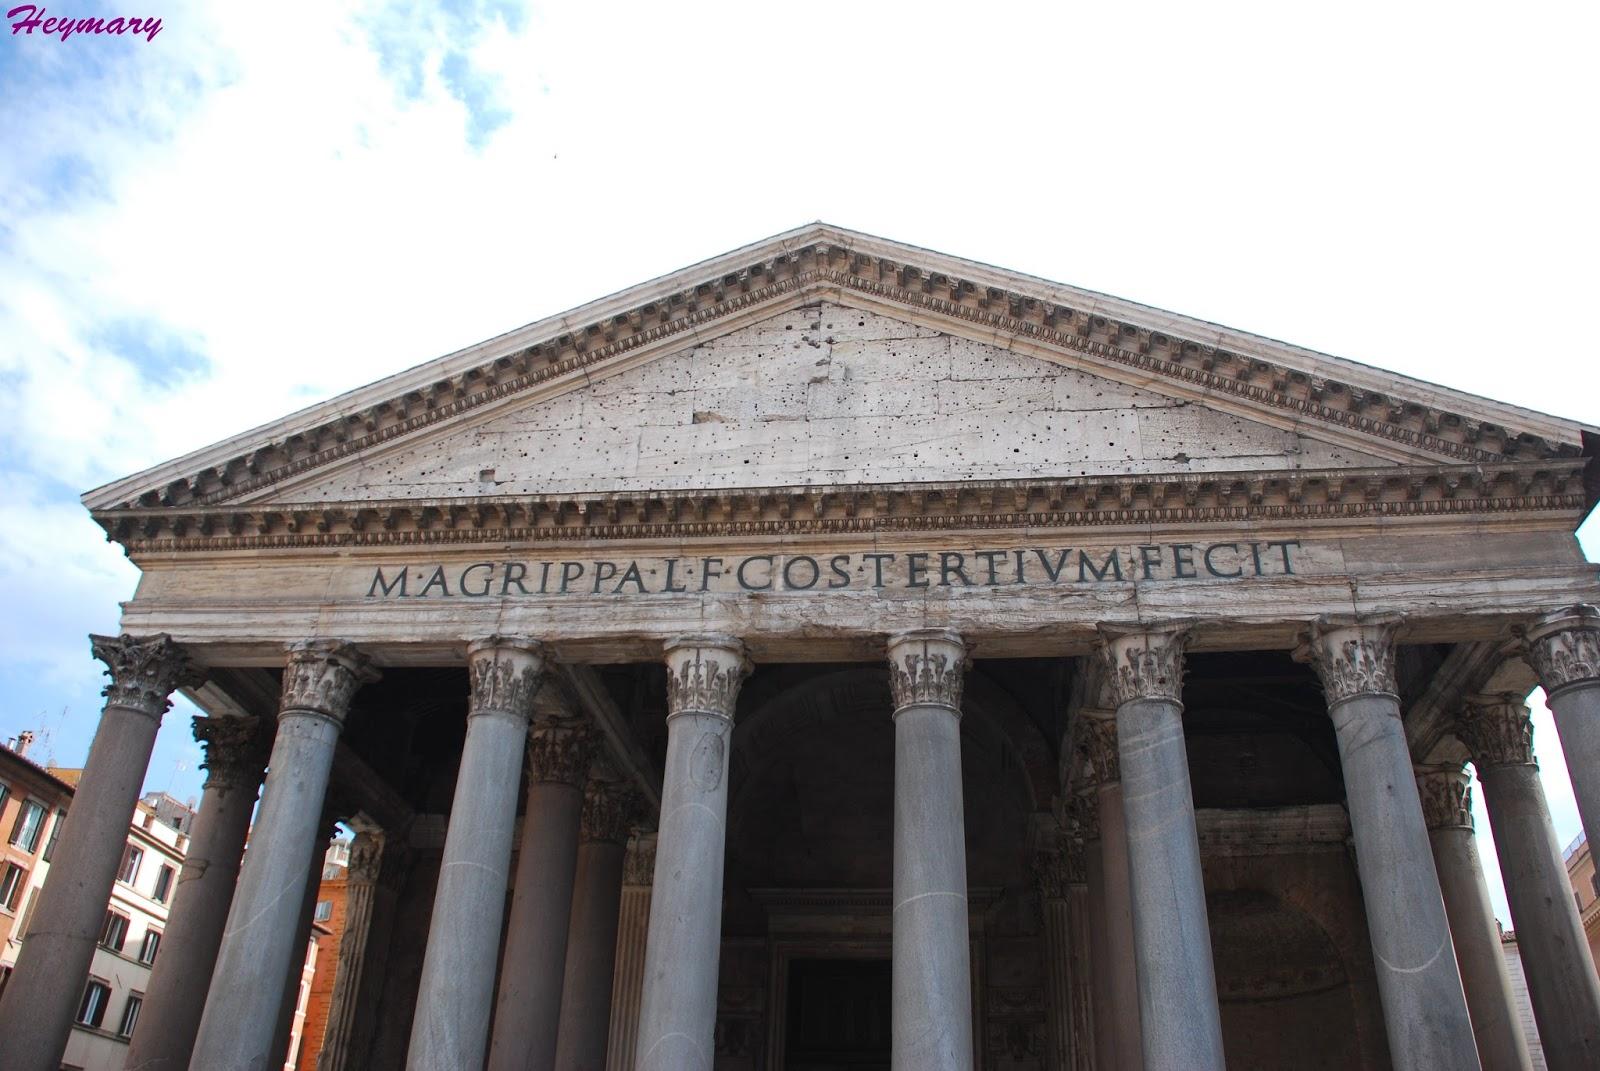 萬神殿|羅馬共和國時期阿格里巴|拜占廷皇帝將萬神廟獻給羅馬教皇卜尼法斯四世